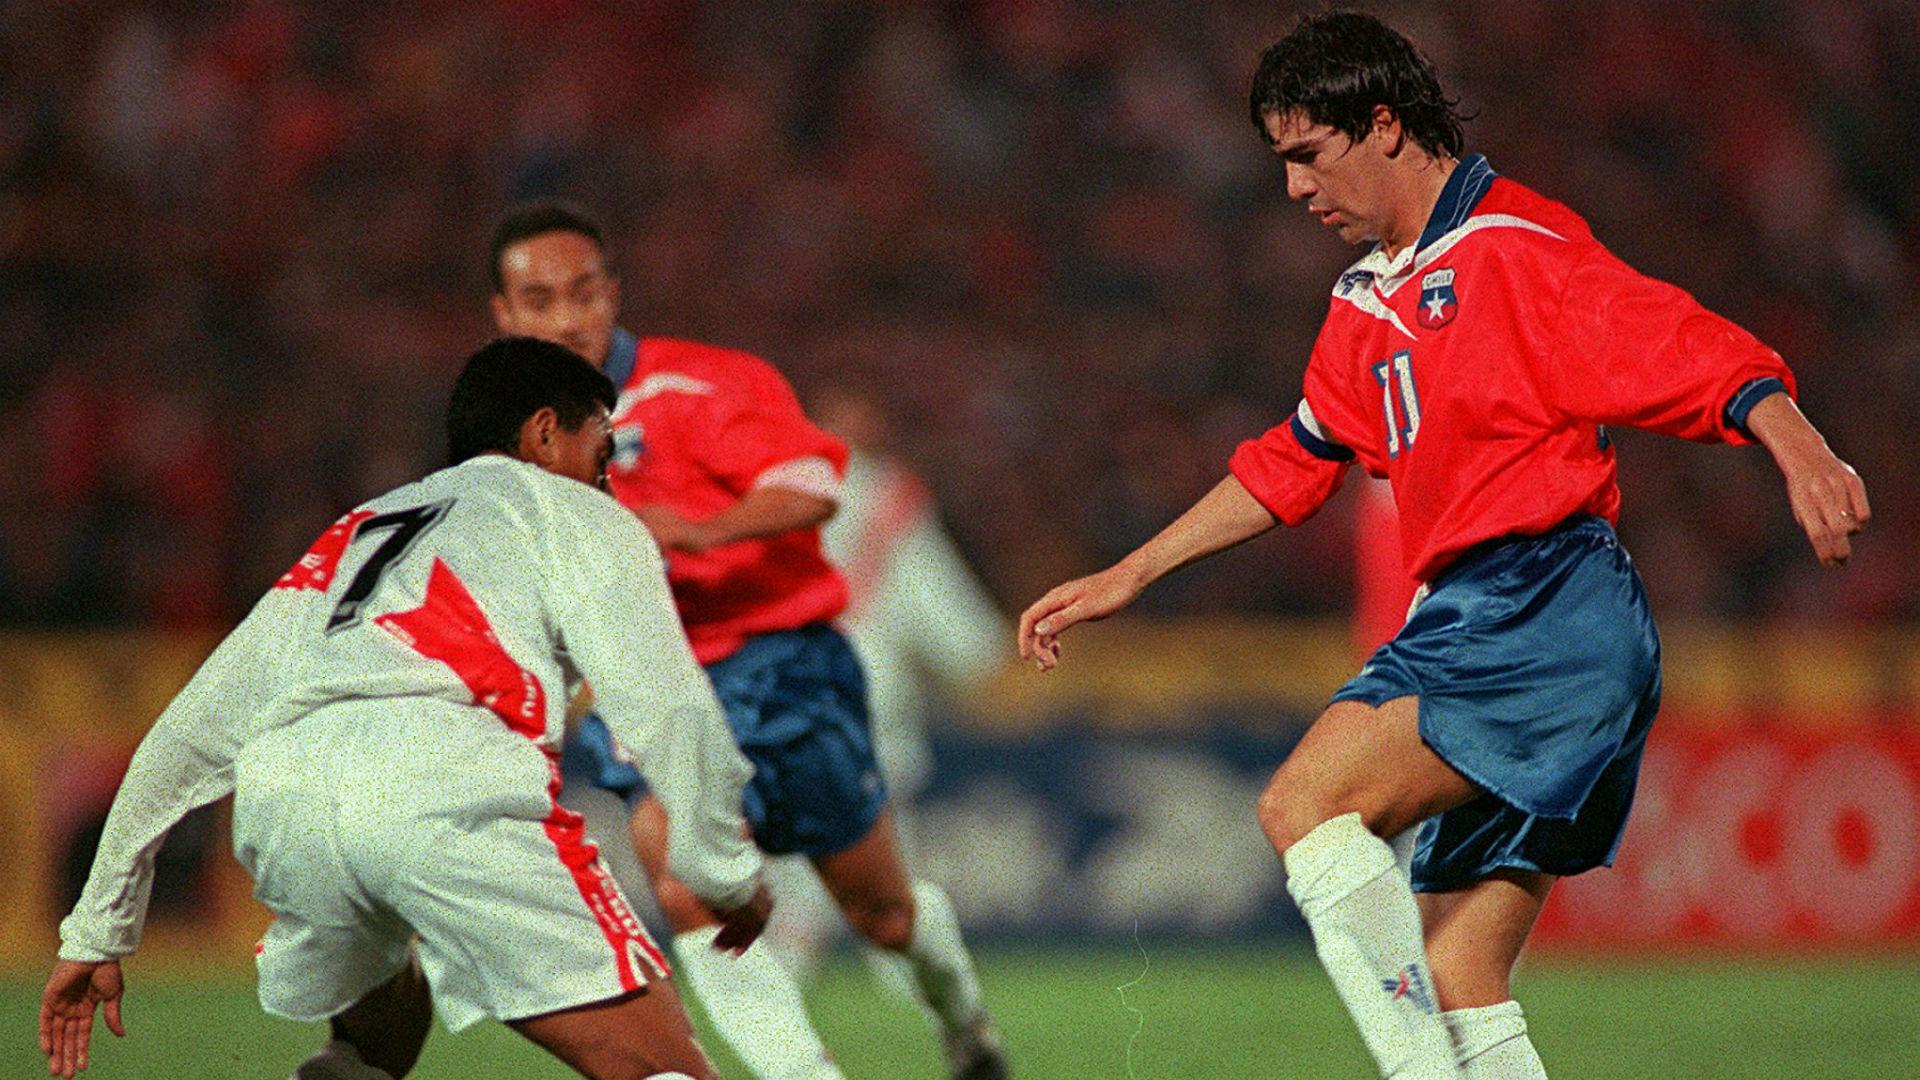 Perú Chile 1997 Eliminatorias. Solano y Salas